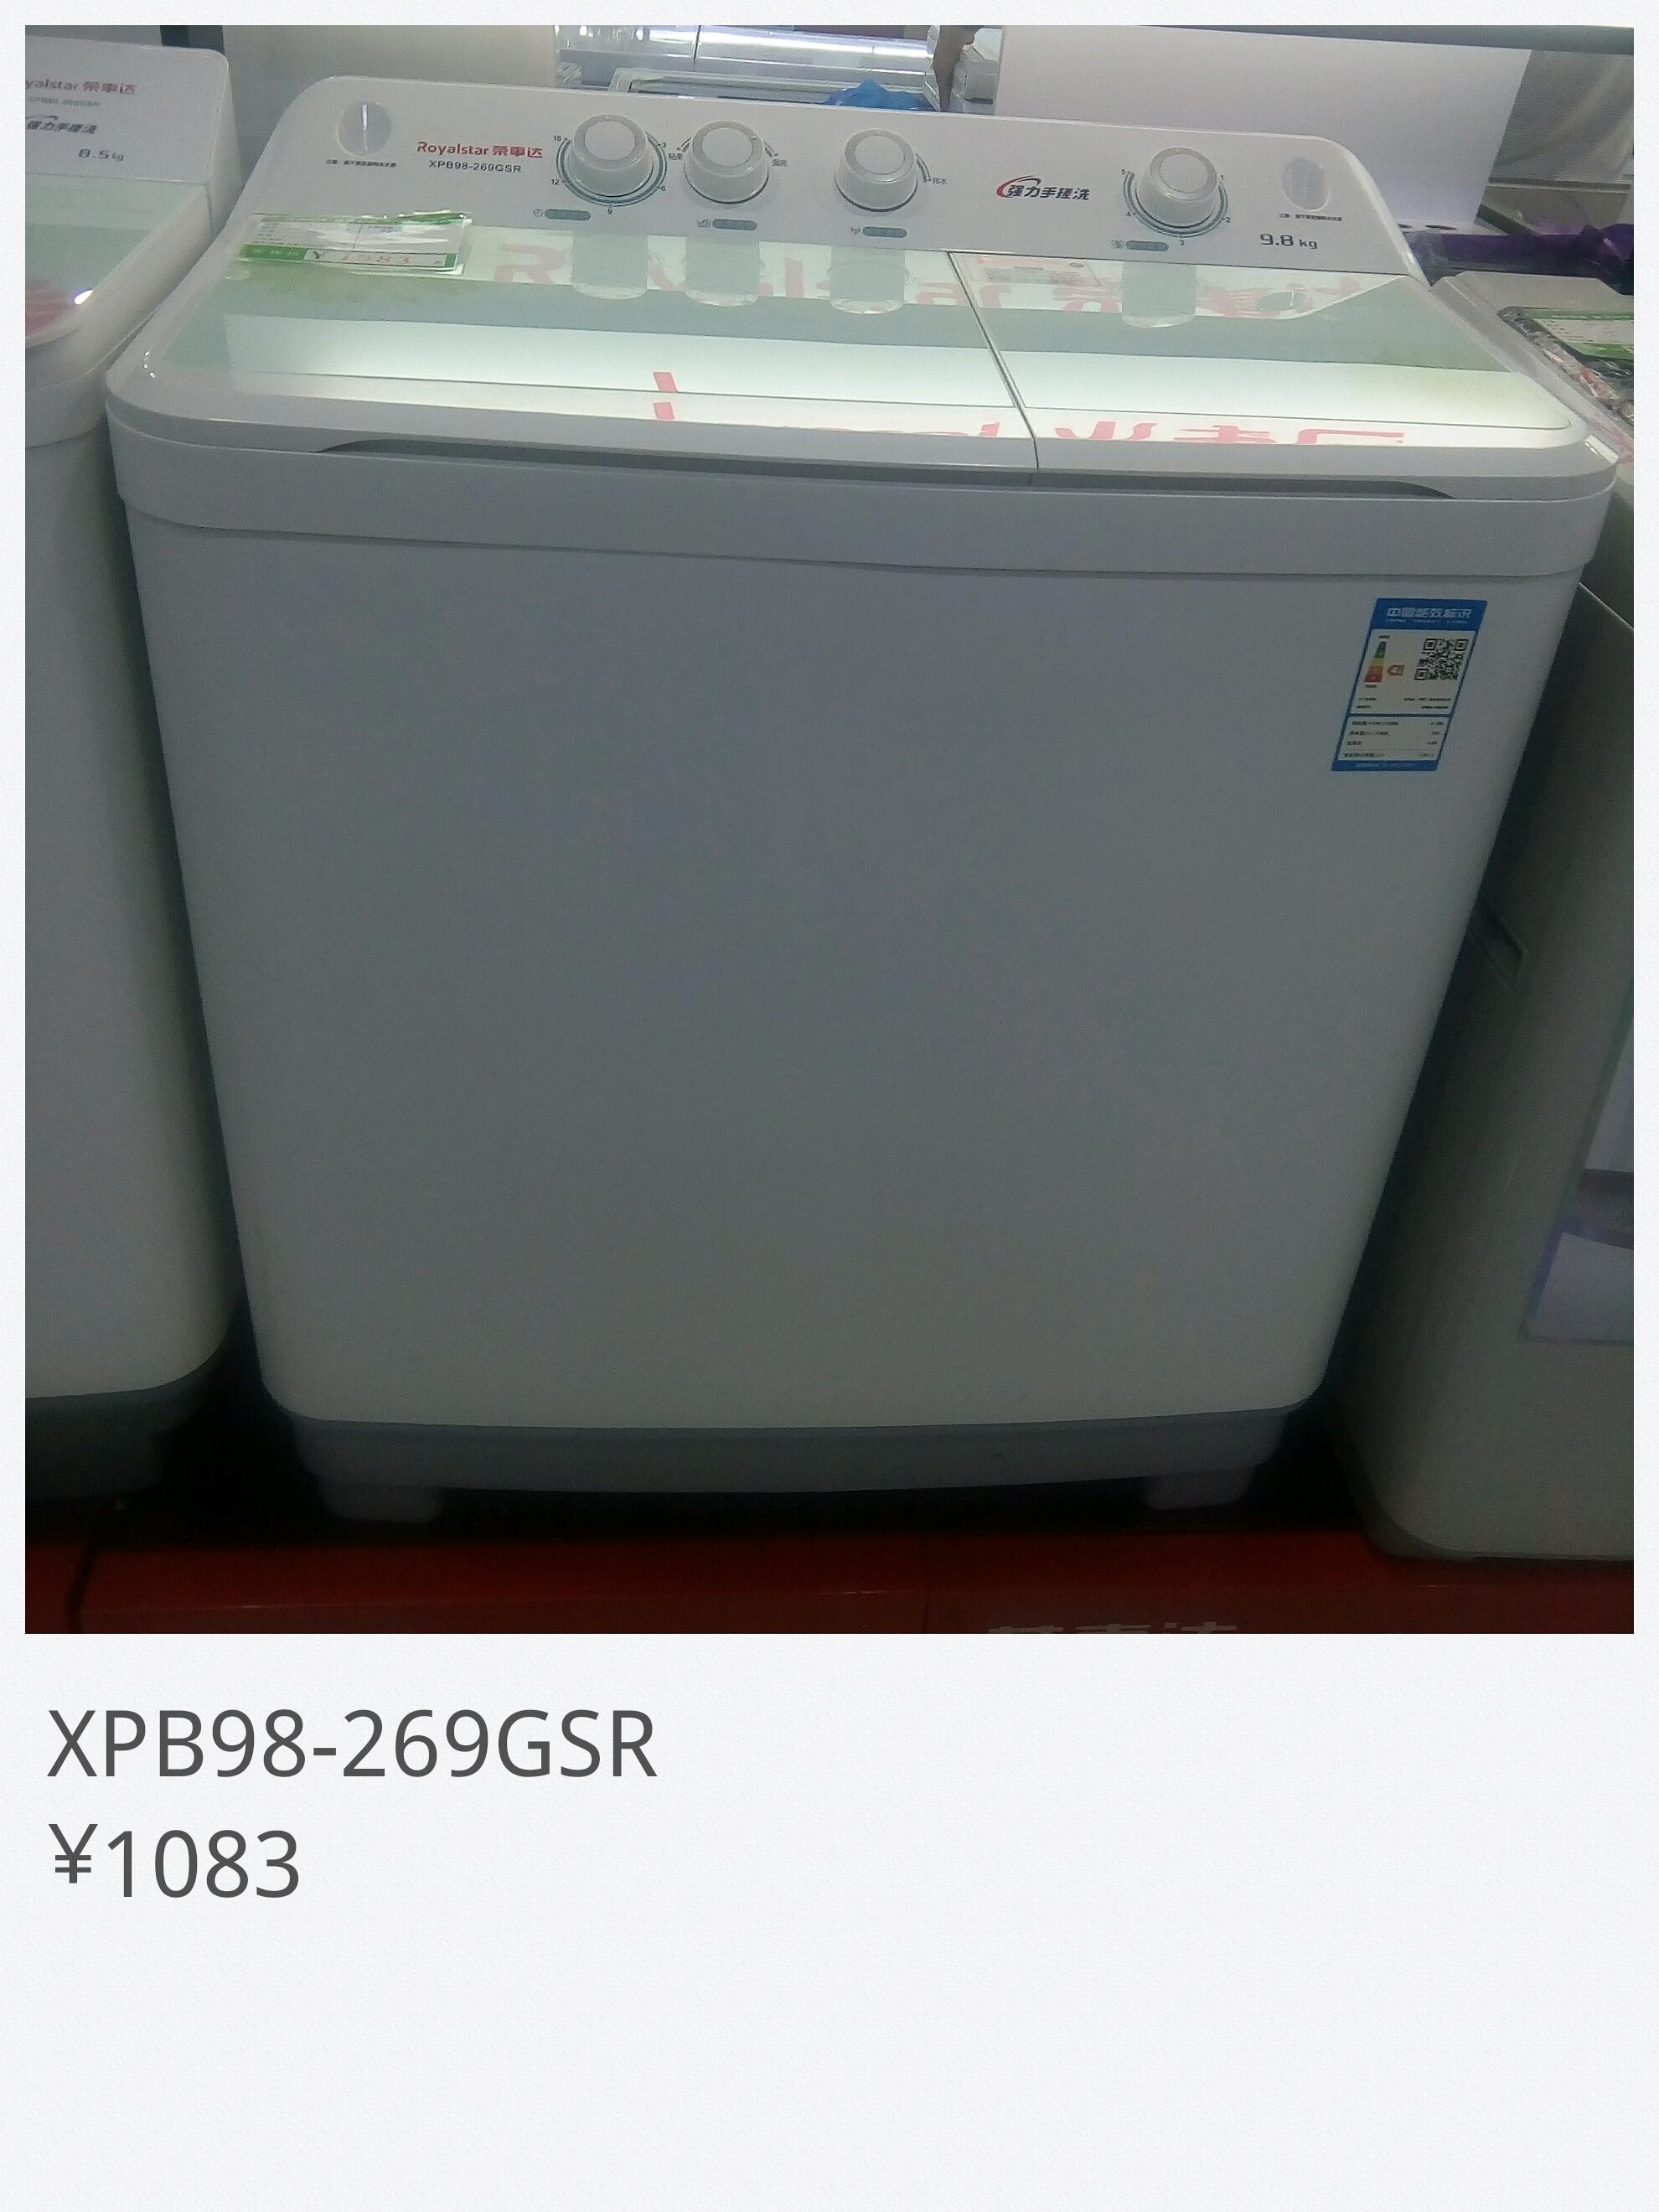 荣事达洗衣机xpb98-269gsr